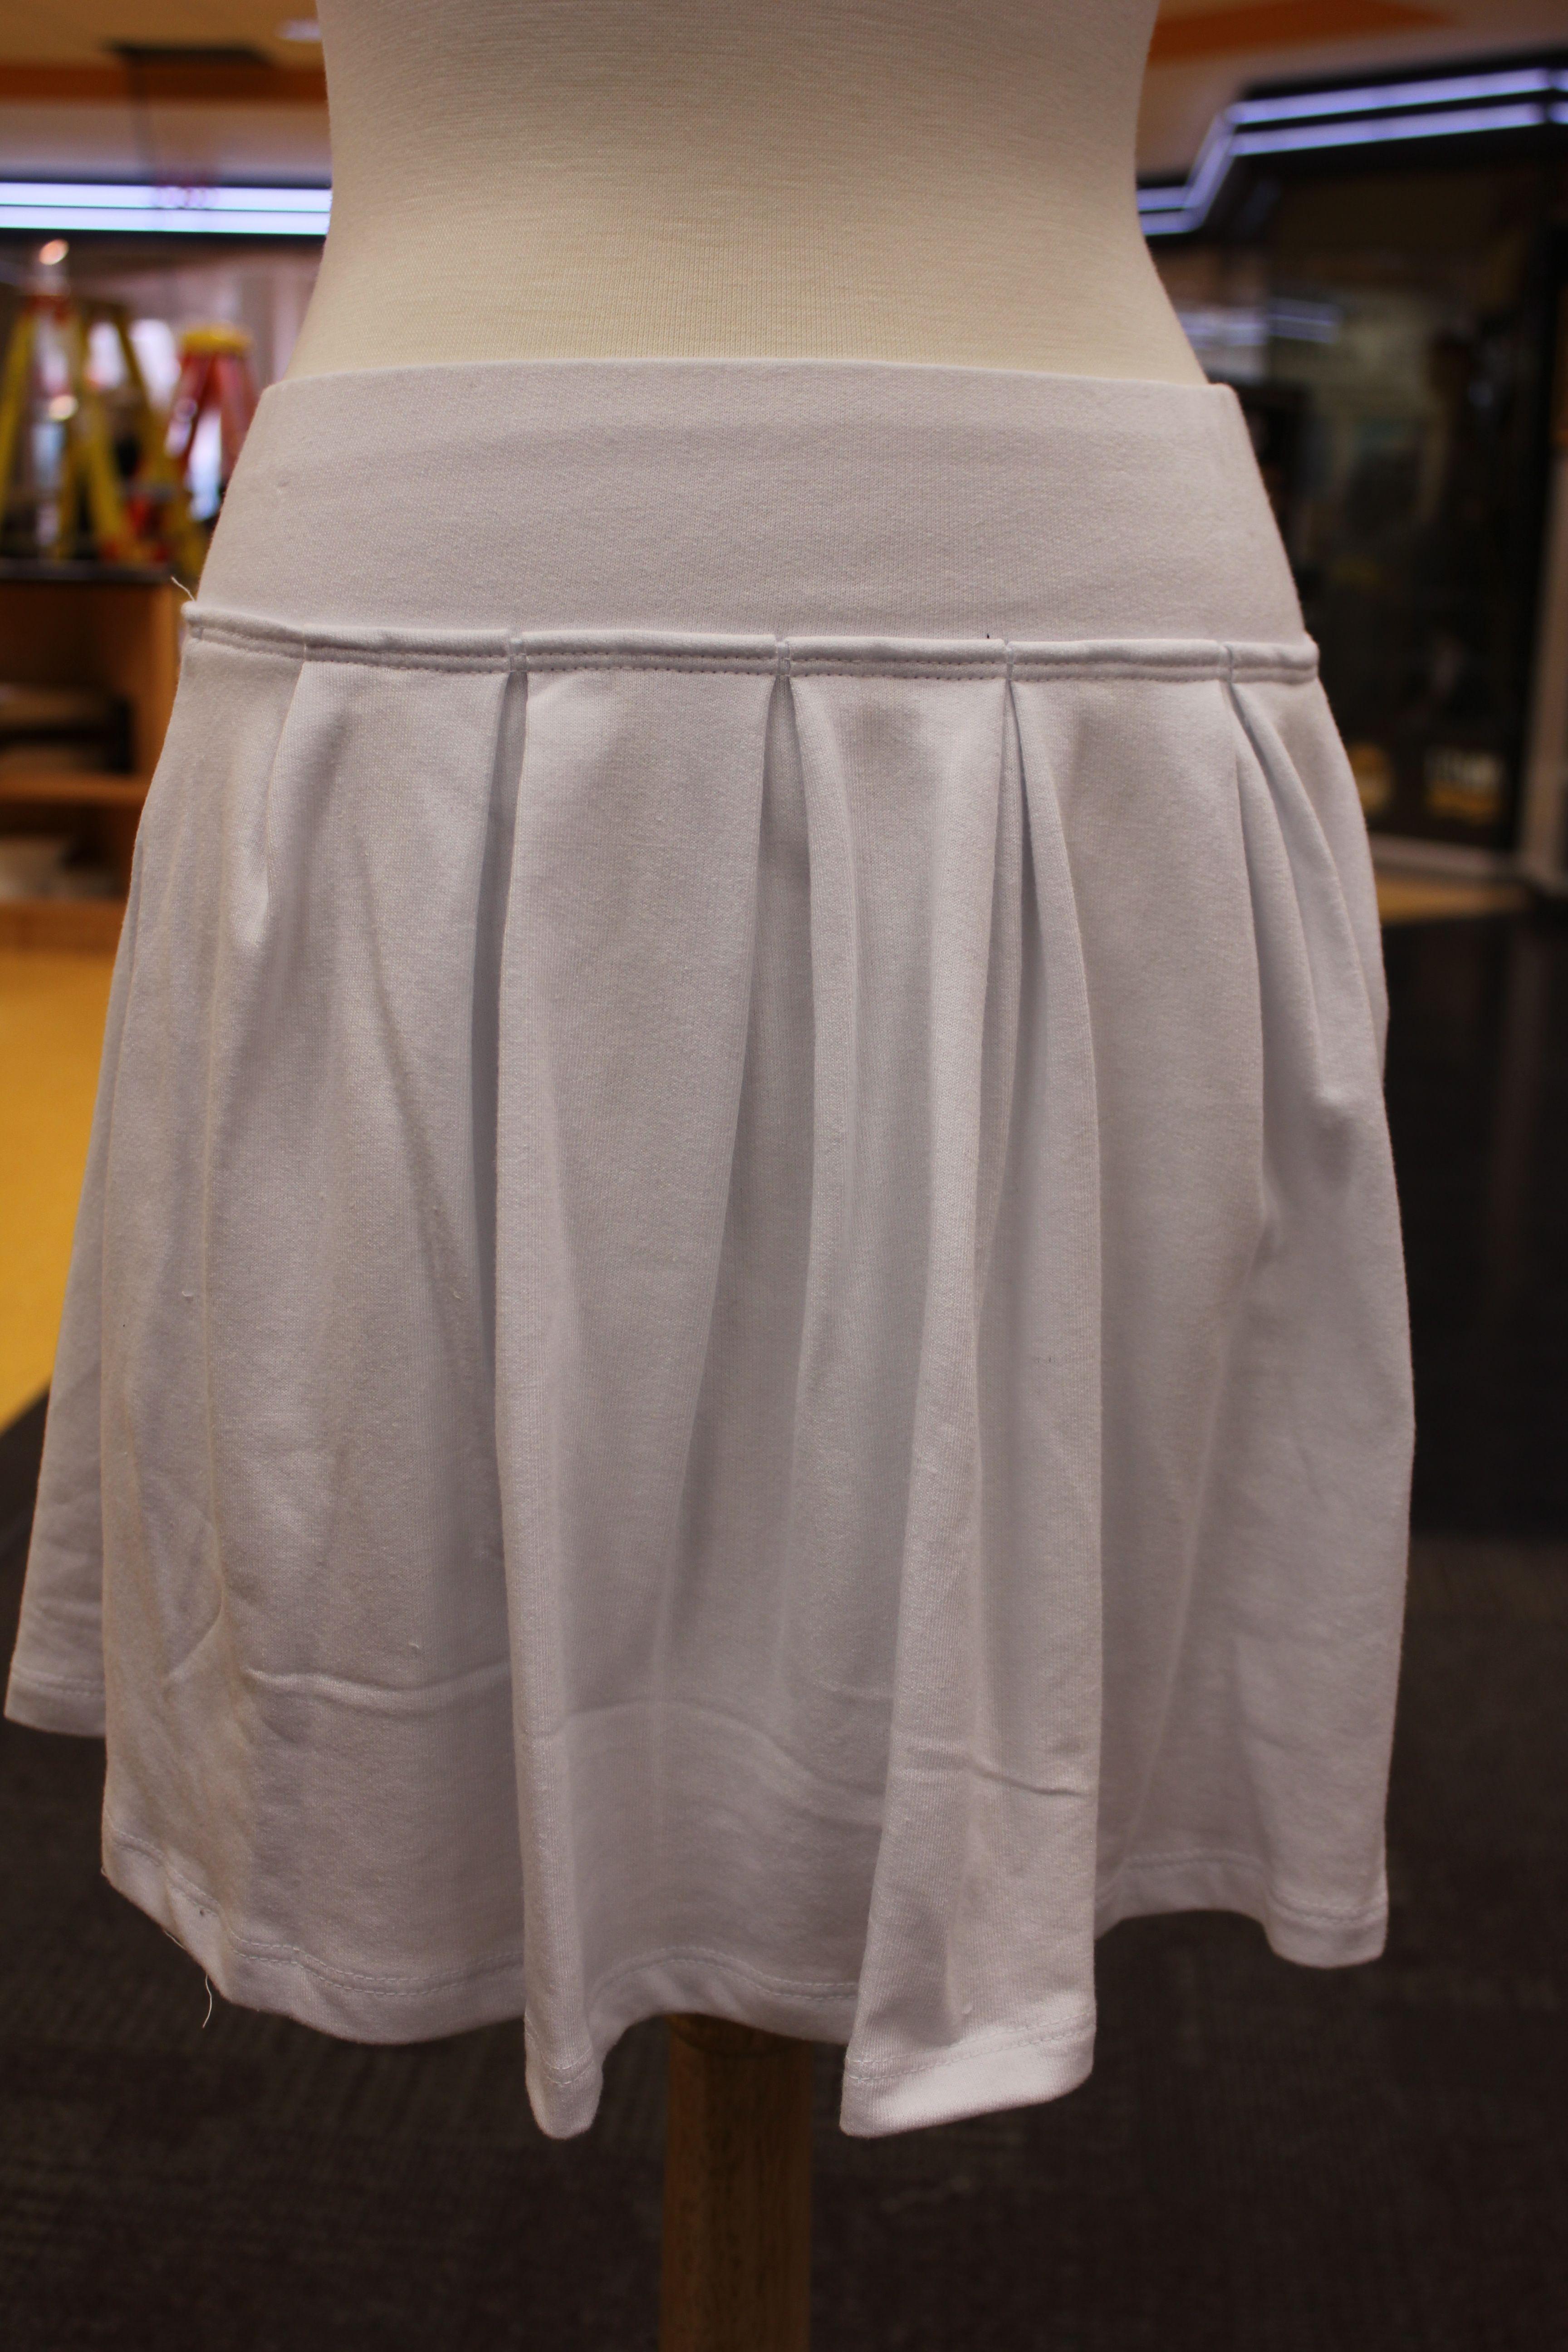 White pleated skirt.